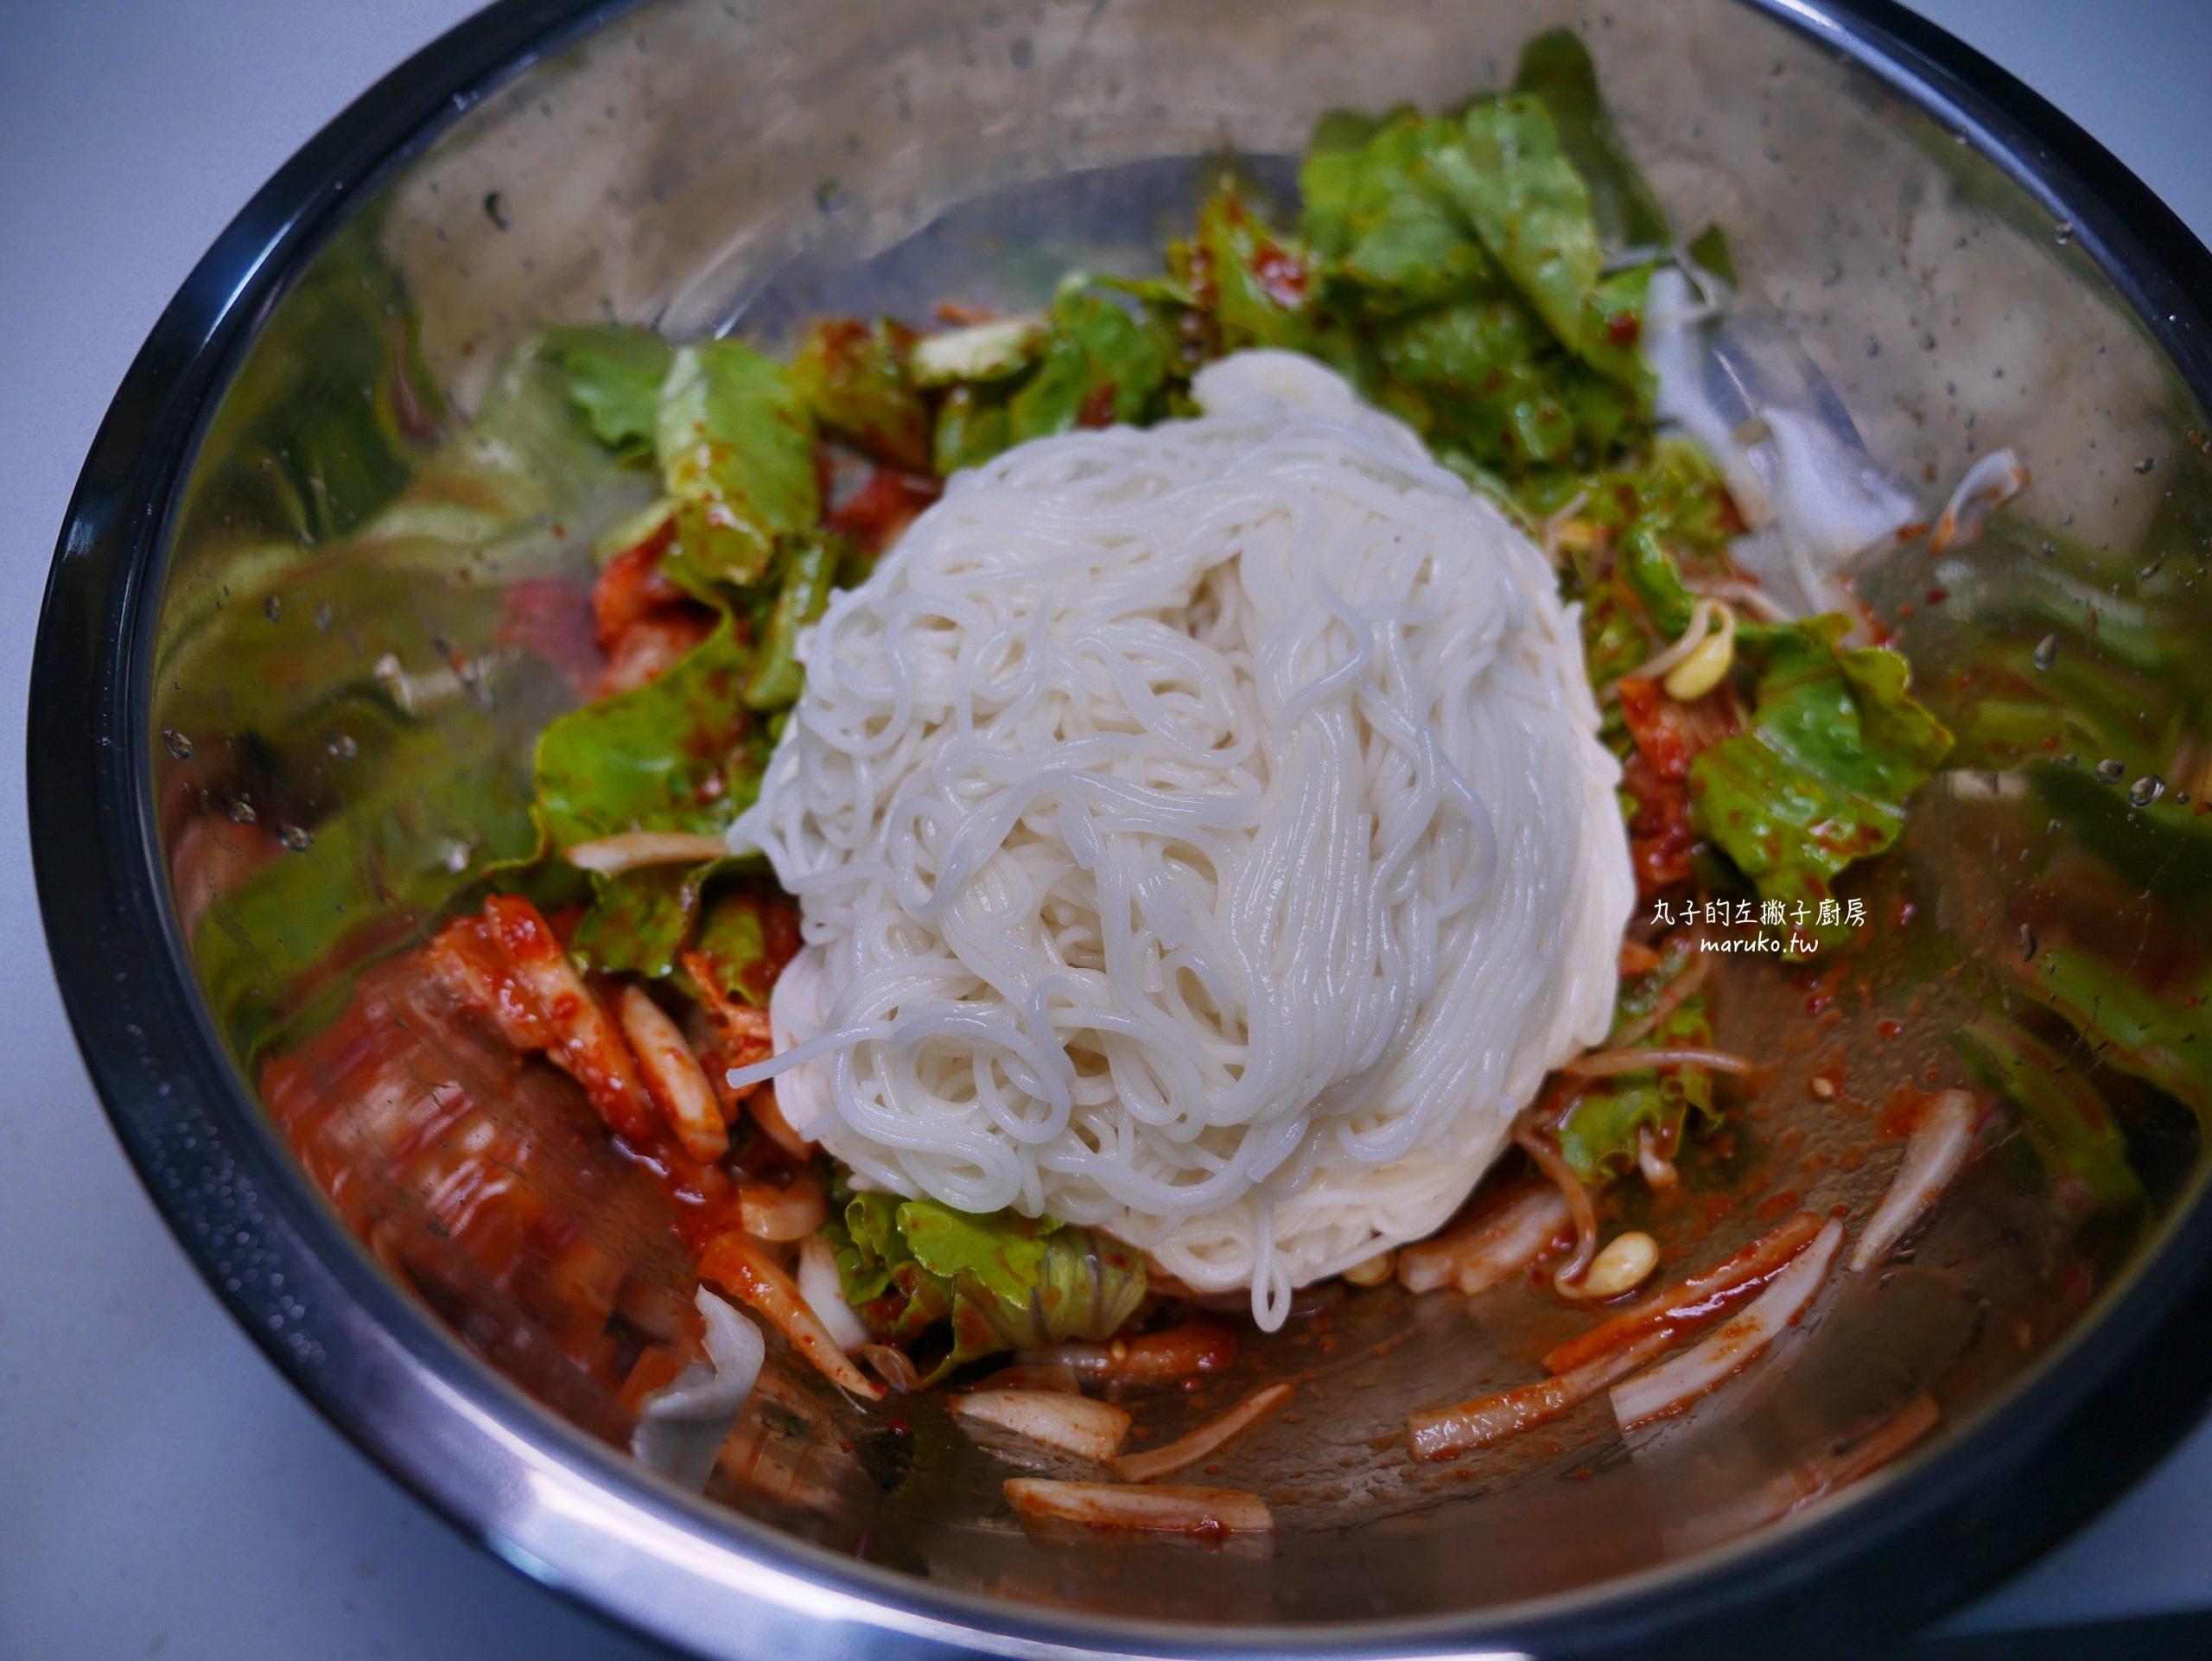 【食譜】韓式拌冷麵|夏日清爽的韓式冷麵做法 @Maruko與美食有個約會